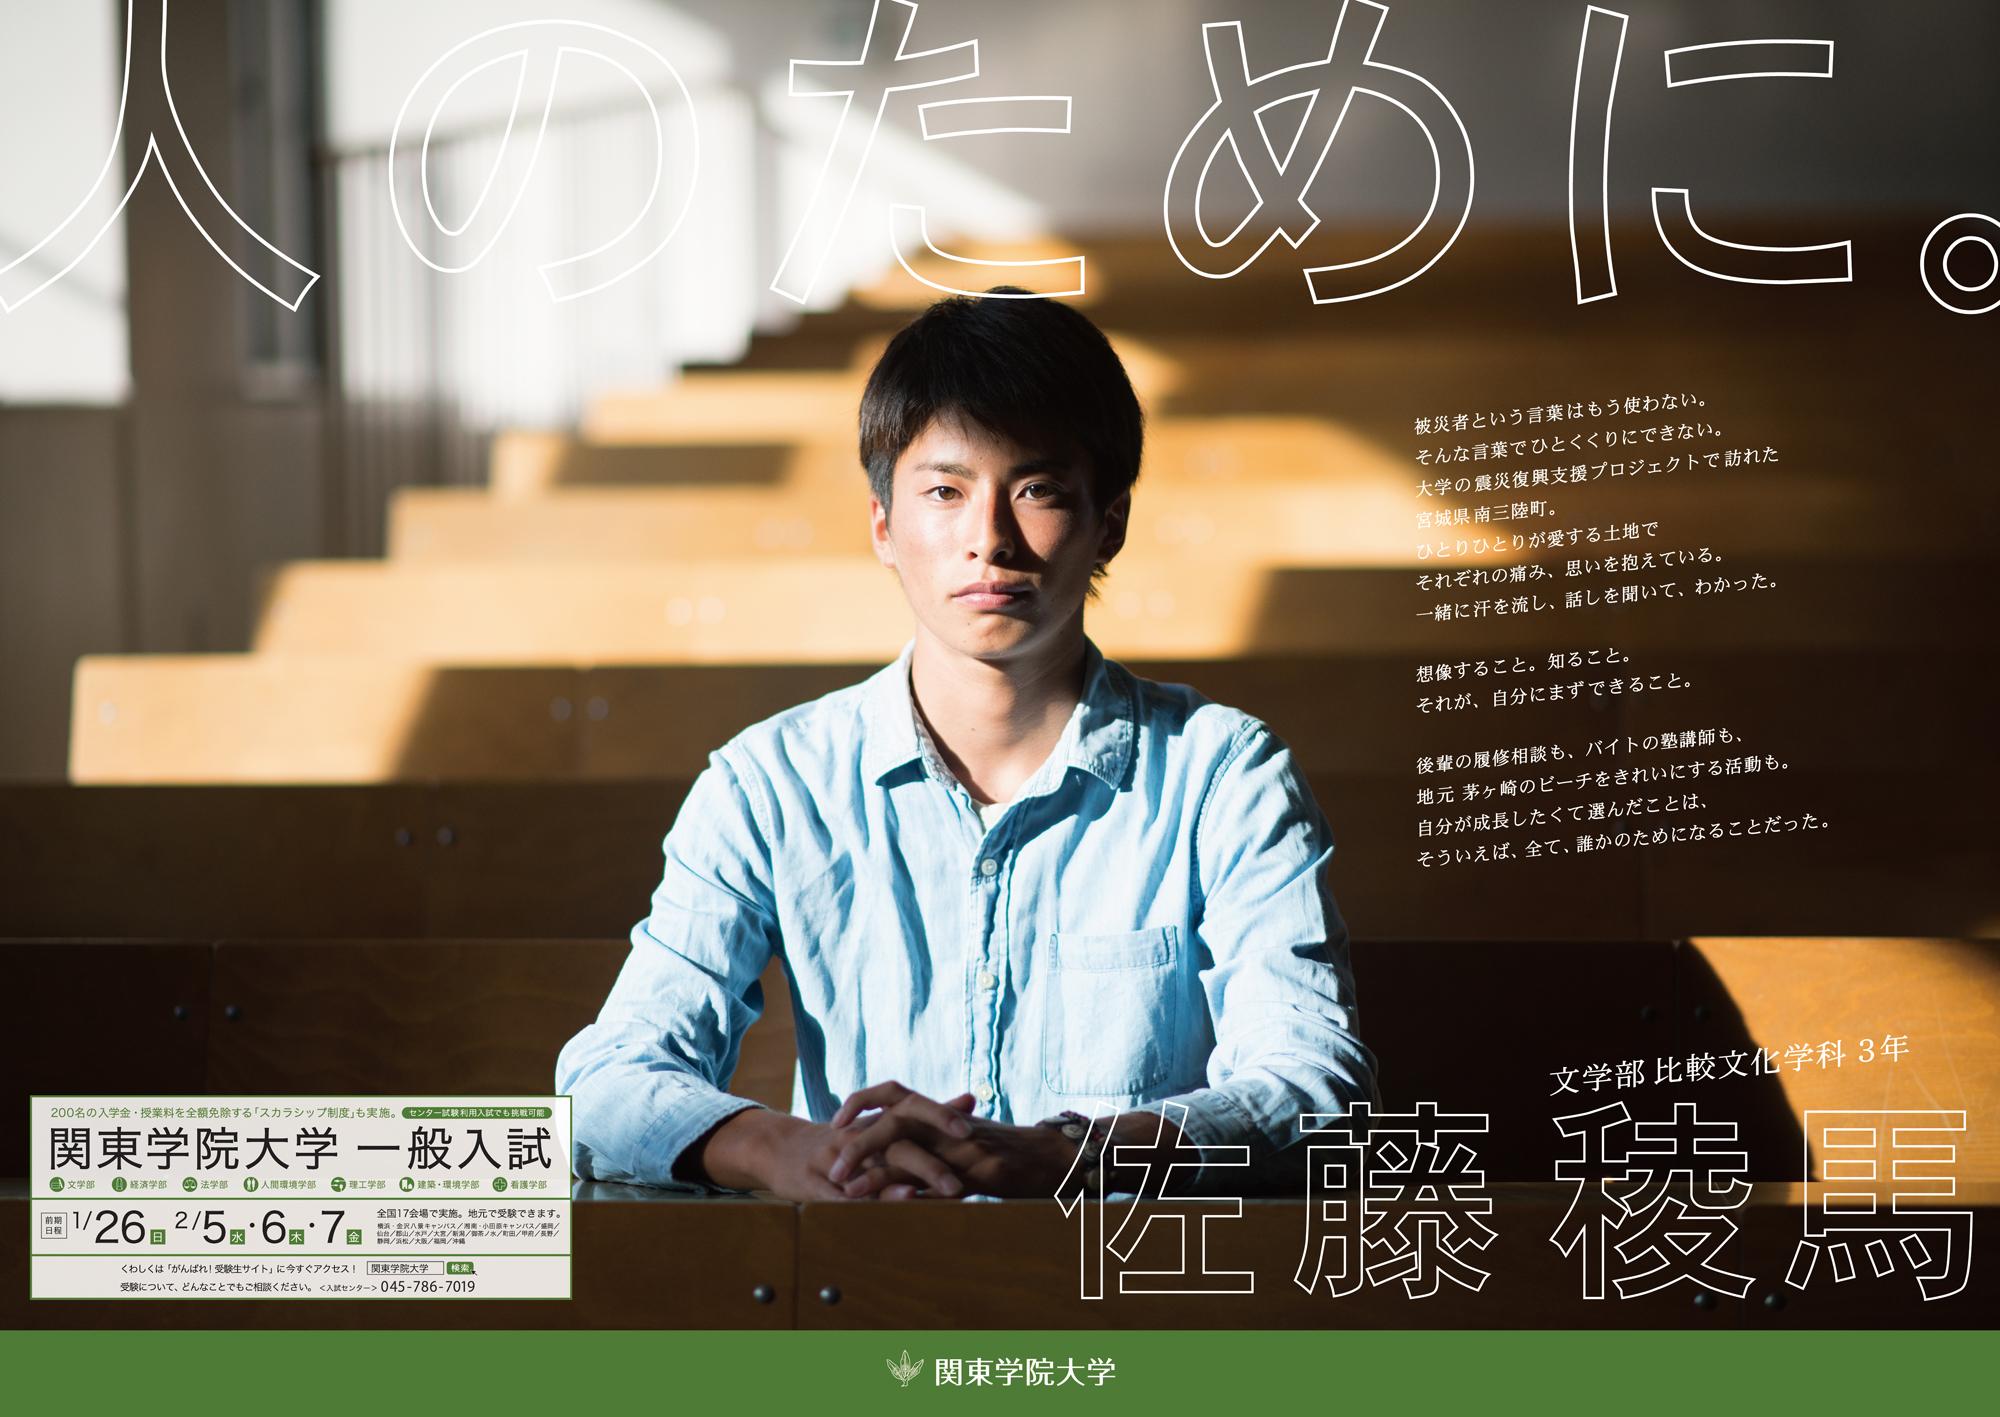 学院 大学 学費 関東